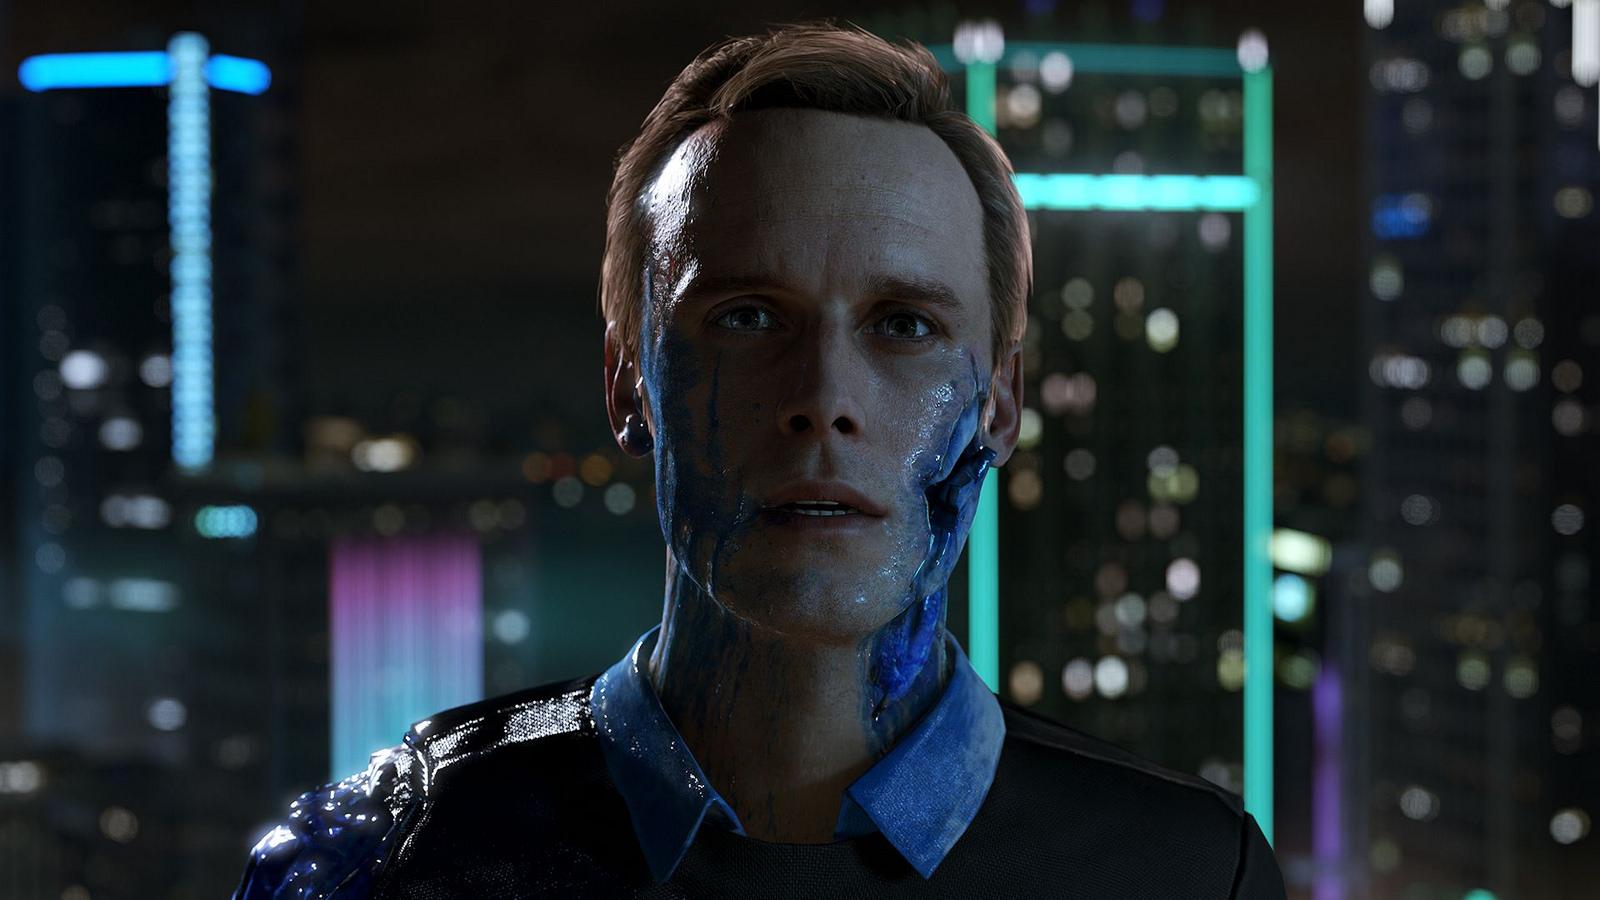 PlayStation zachęca do grania na naprawdę ogromnym ekranie. W Detroit: Become Human będzie można zagrać w kinie